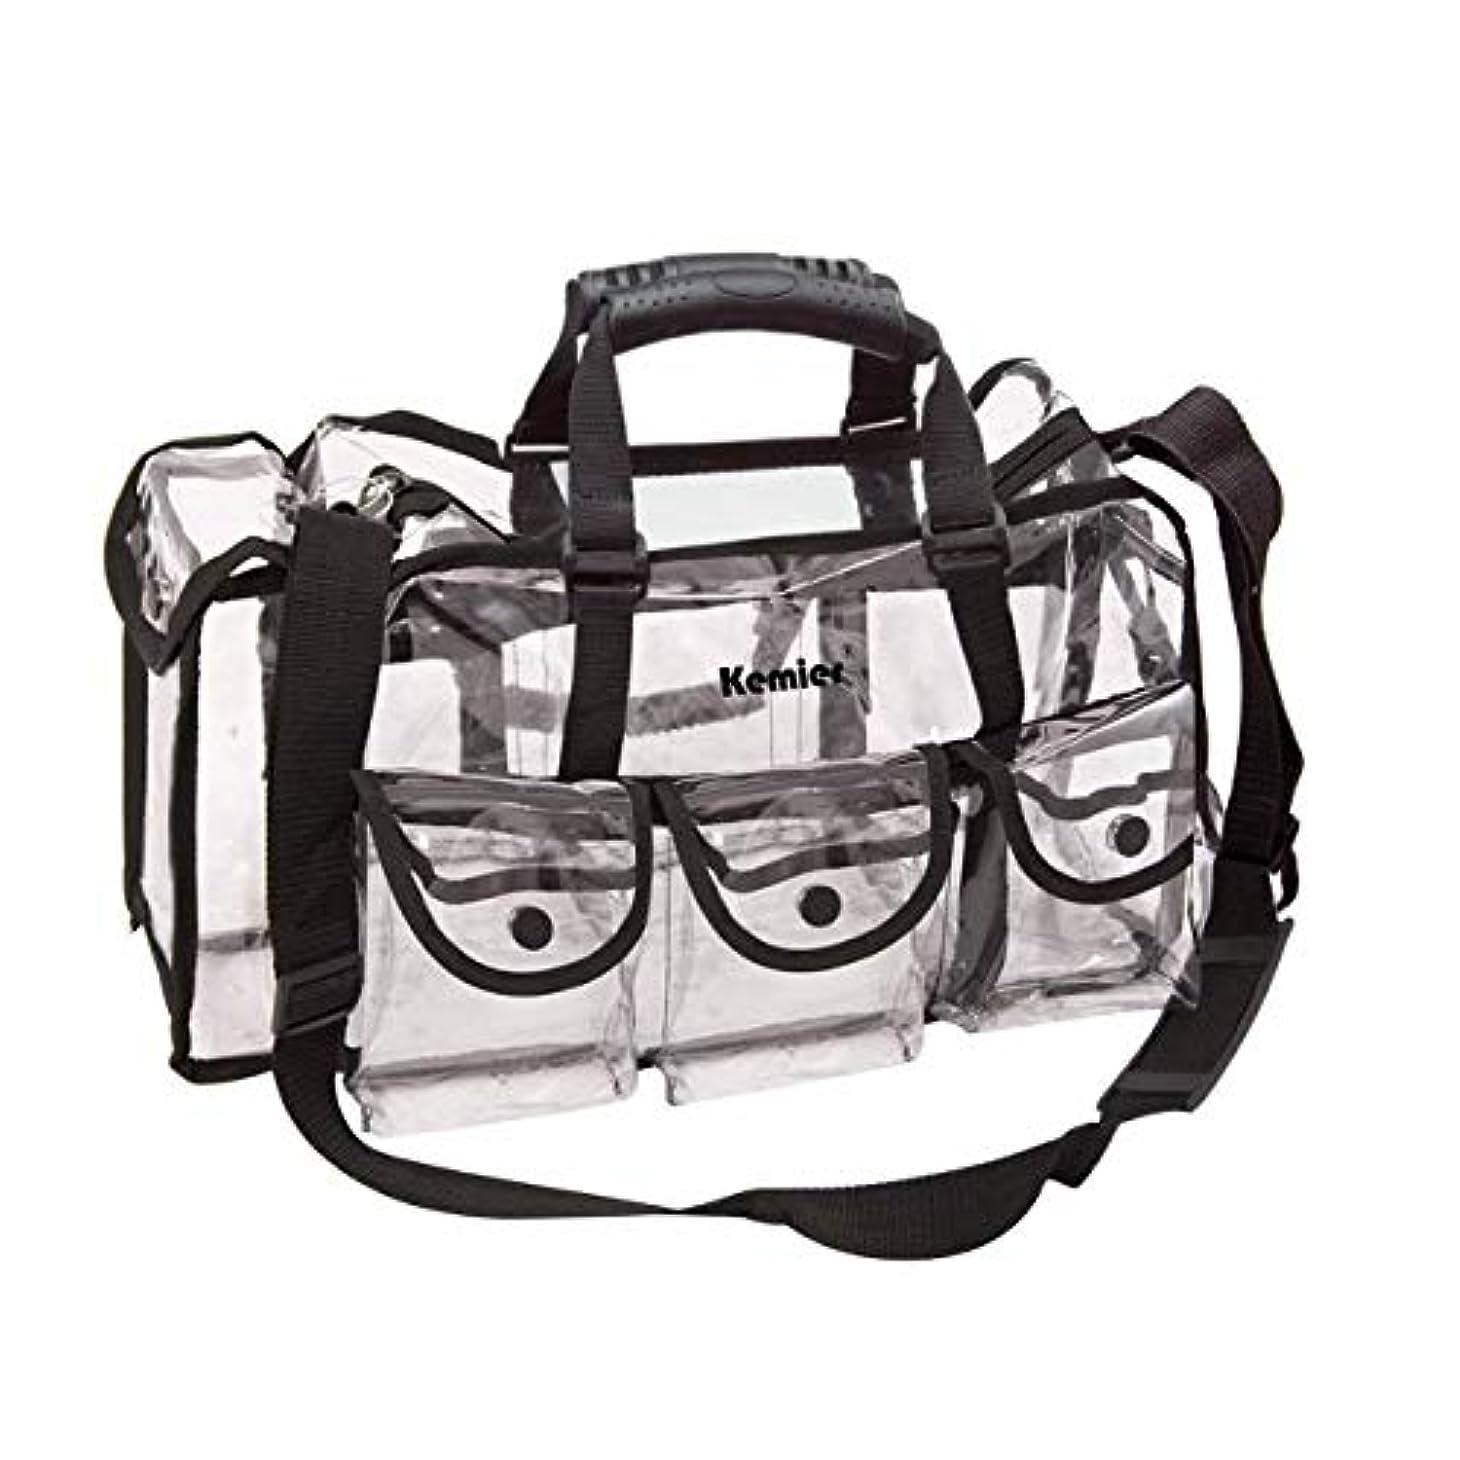 Kemier 透明 ハンドバッグ 機能的 コスメポーチ メイクポーチ メイクケース 小物入れ 化粧道具 整理整頓 軽量 防水 旅行 小物入れ 6つの外側ポケット付き